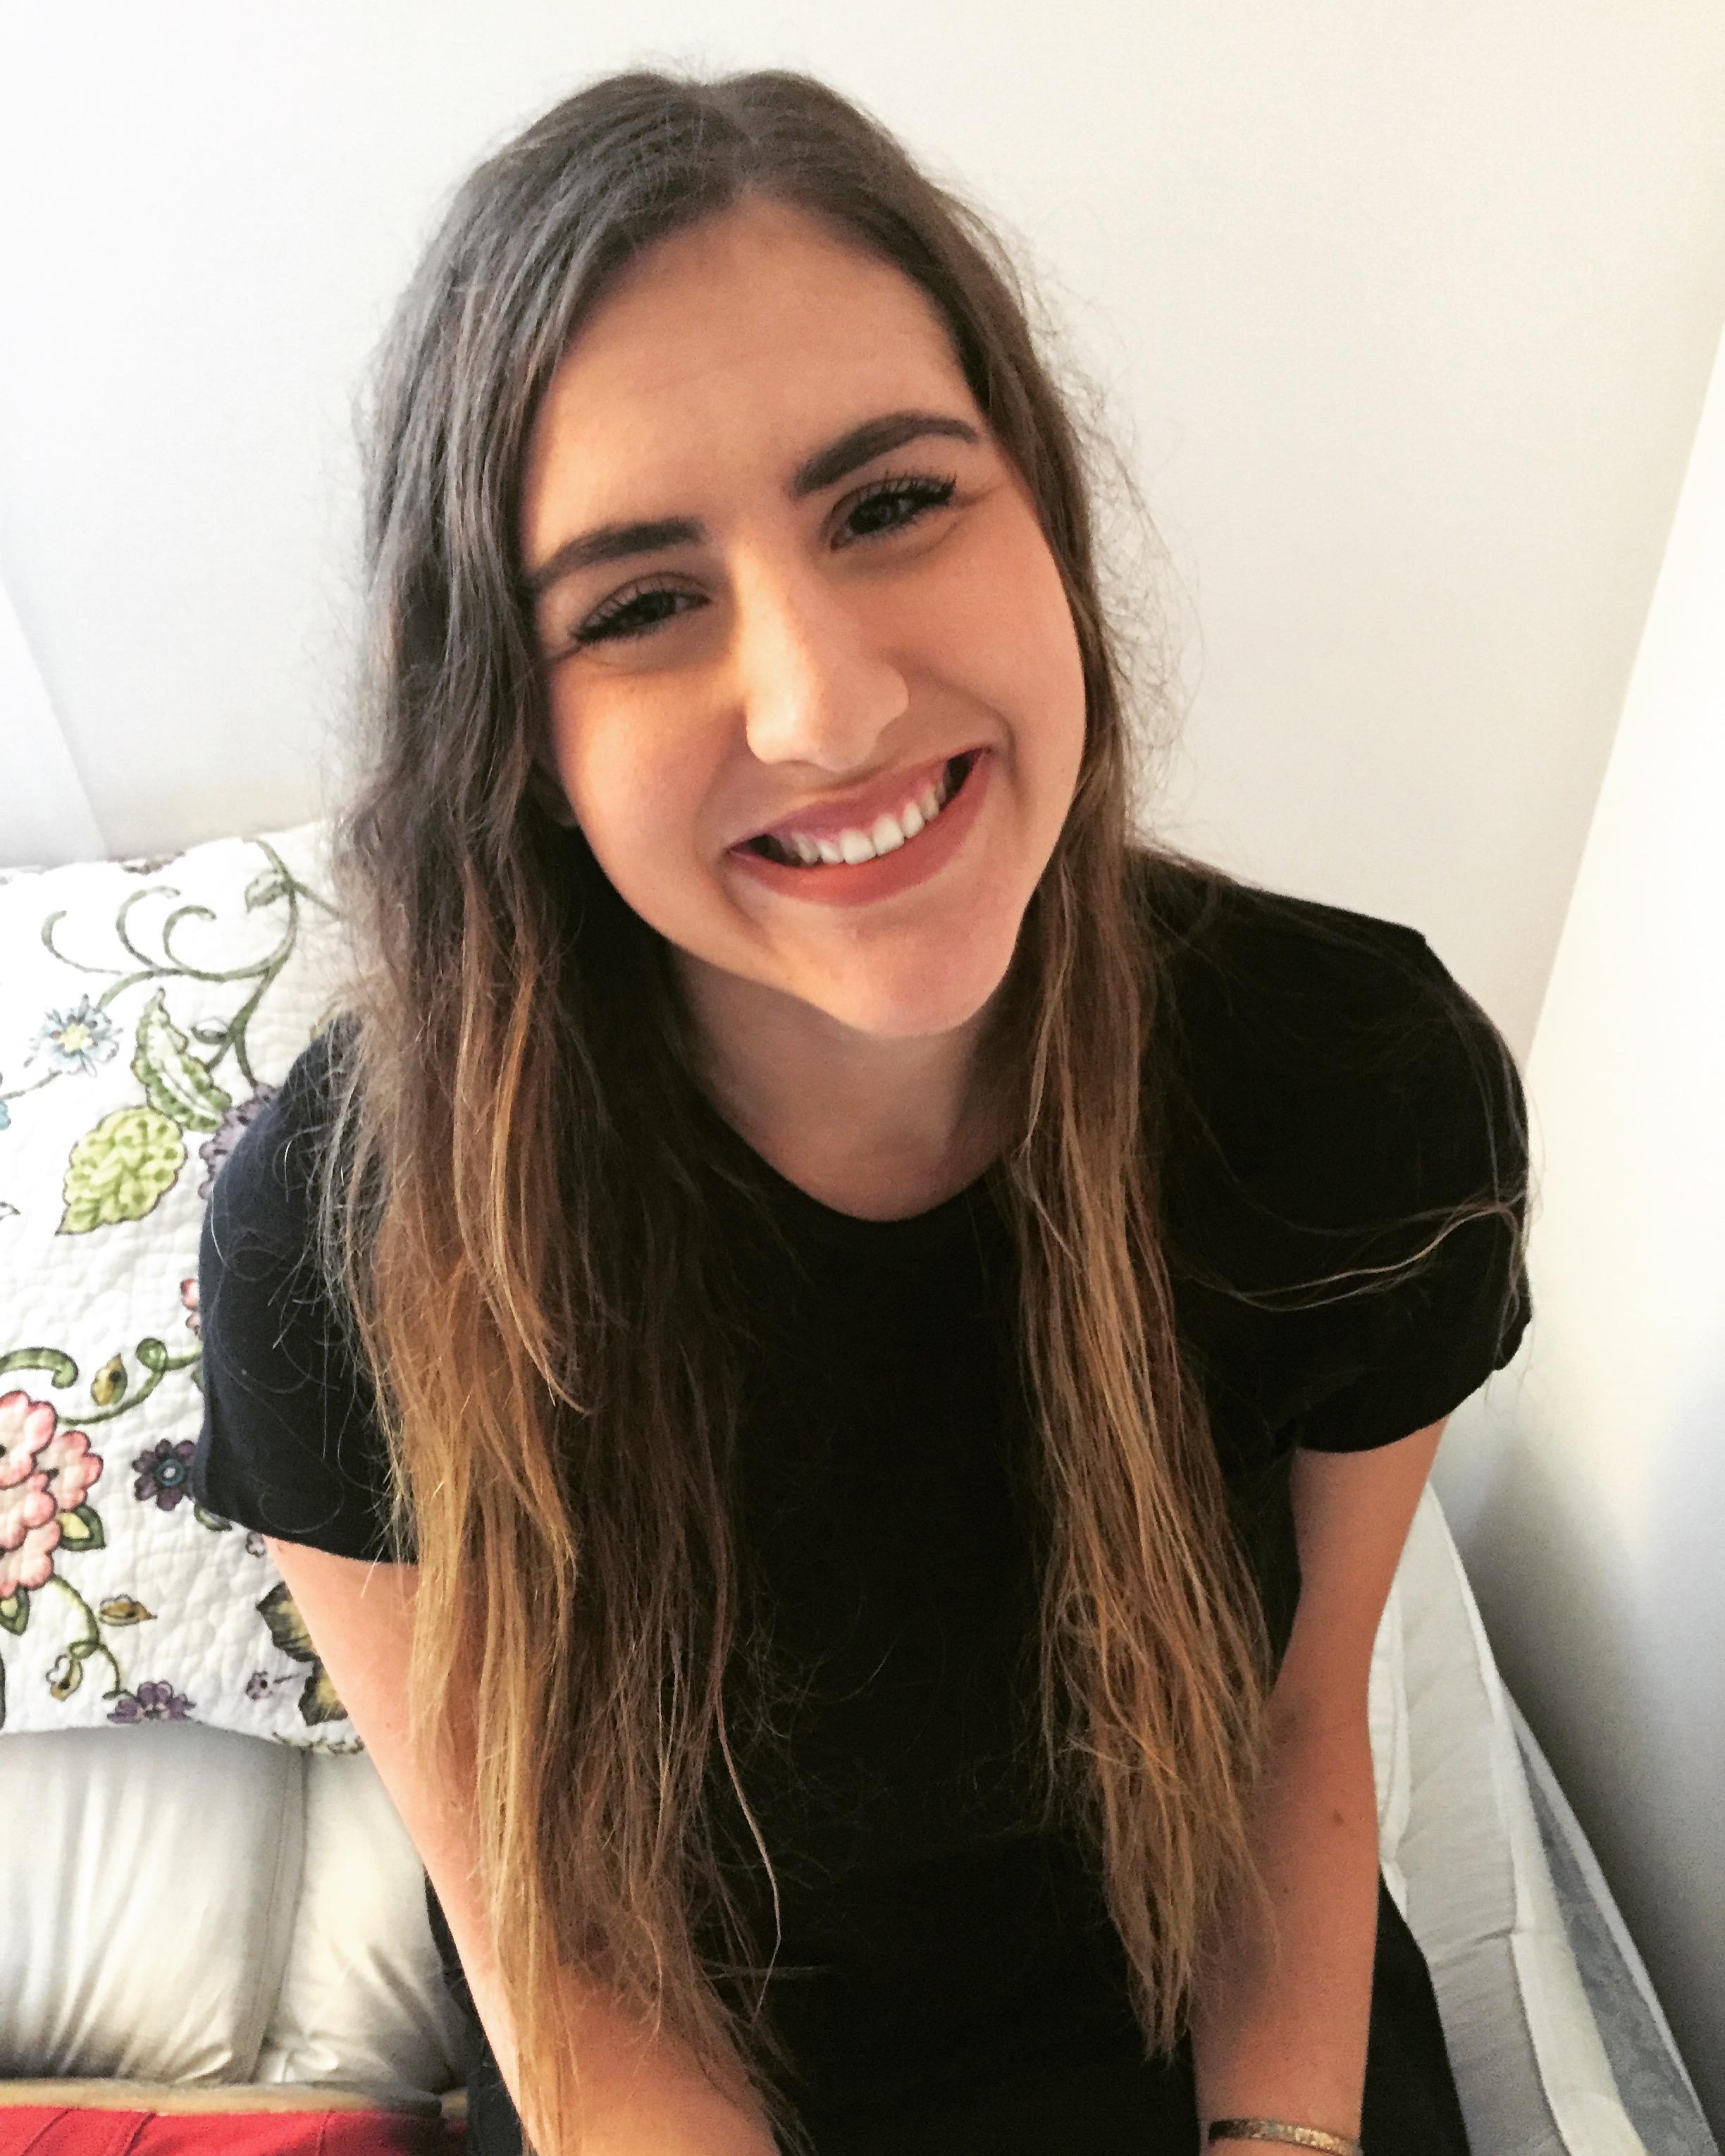 Jenn Pinto